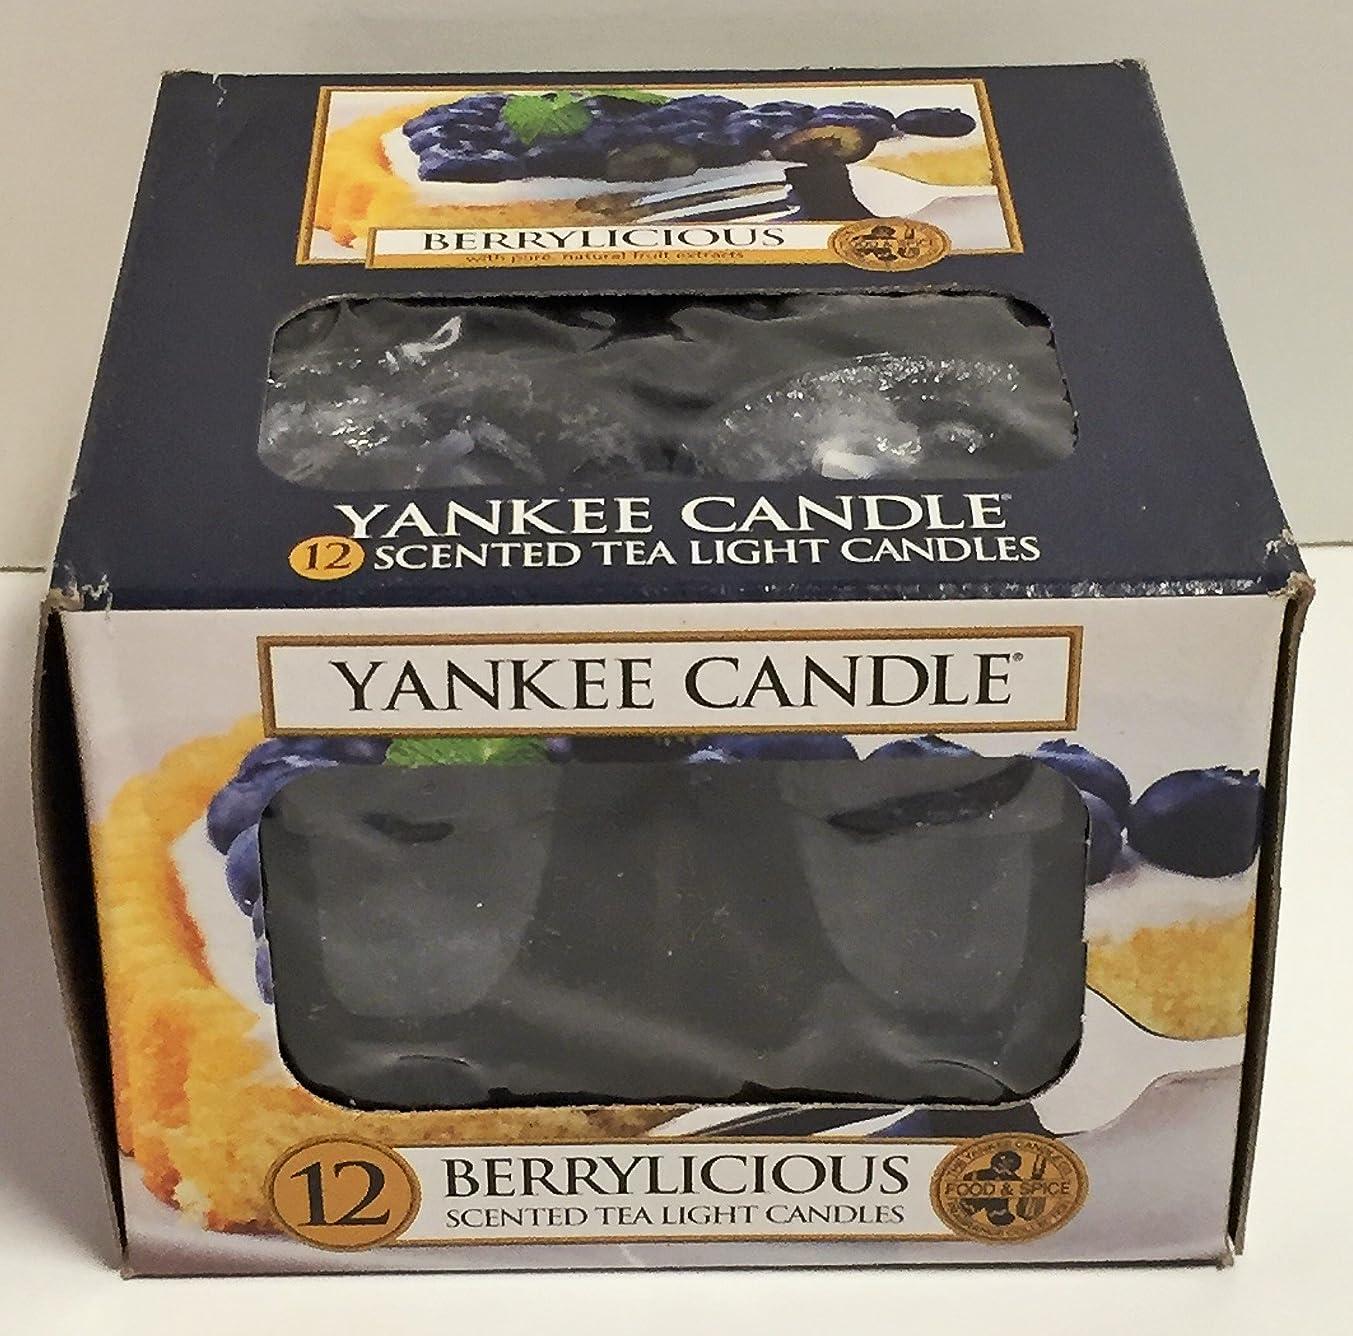 イソギンチャク歌詞ネブYankee Candle Berrylicious、フルーツ香り Scented Tea Lights ブルー 1311125